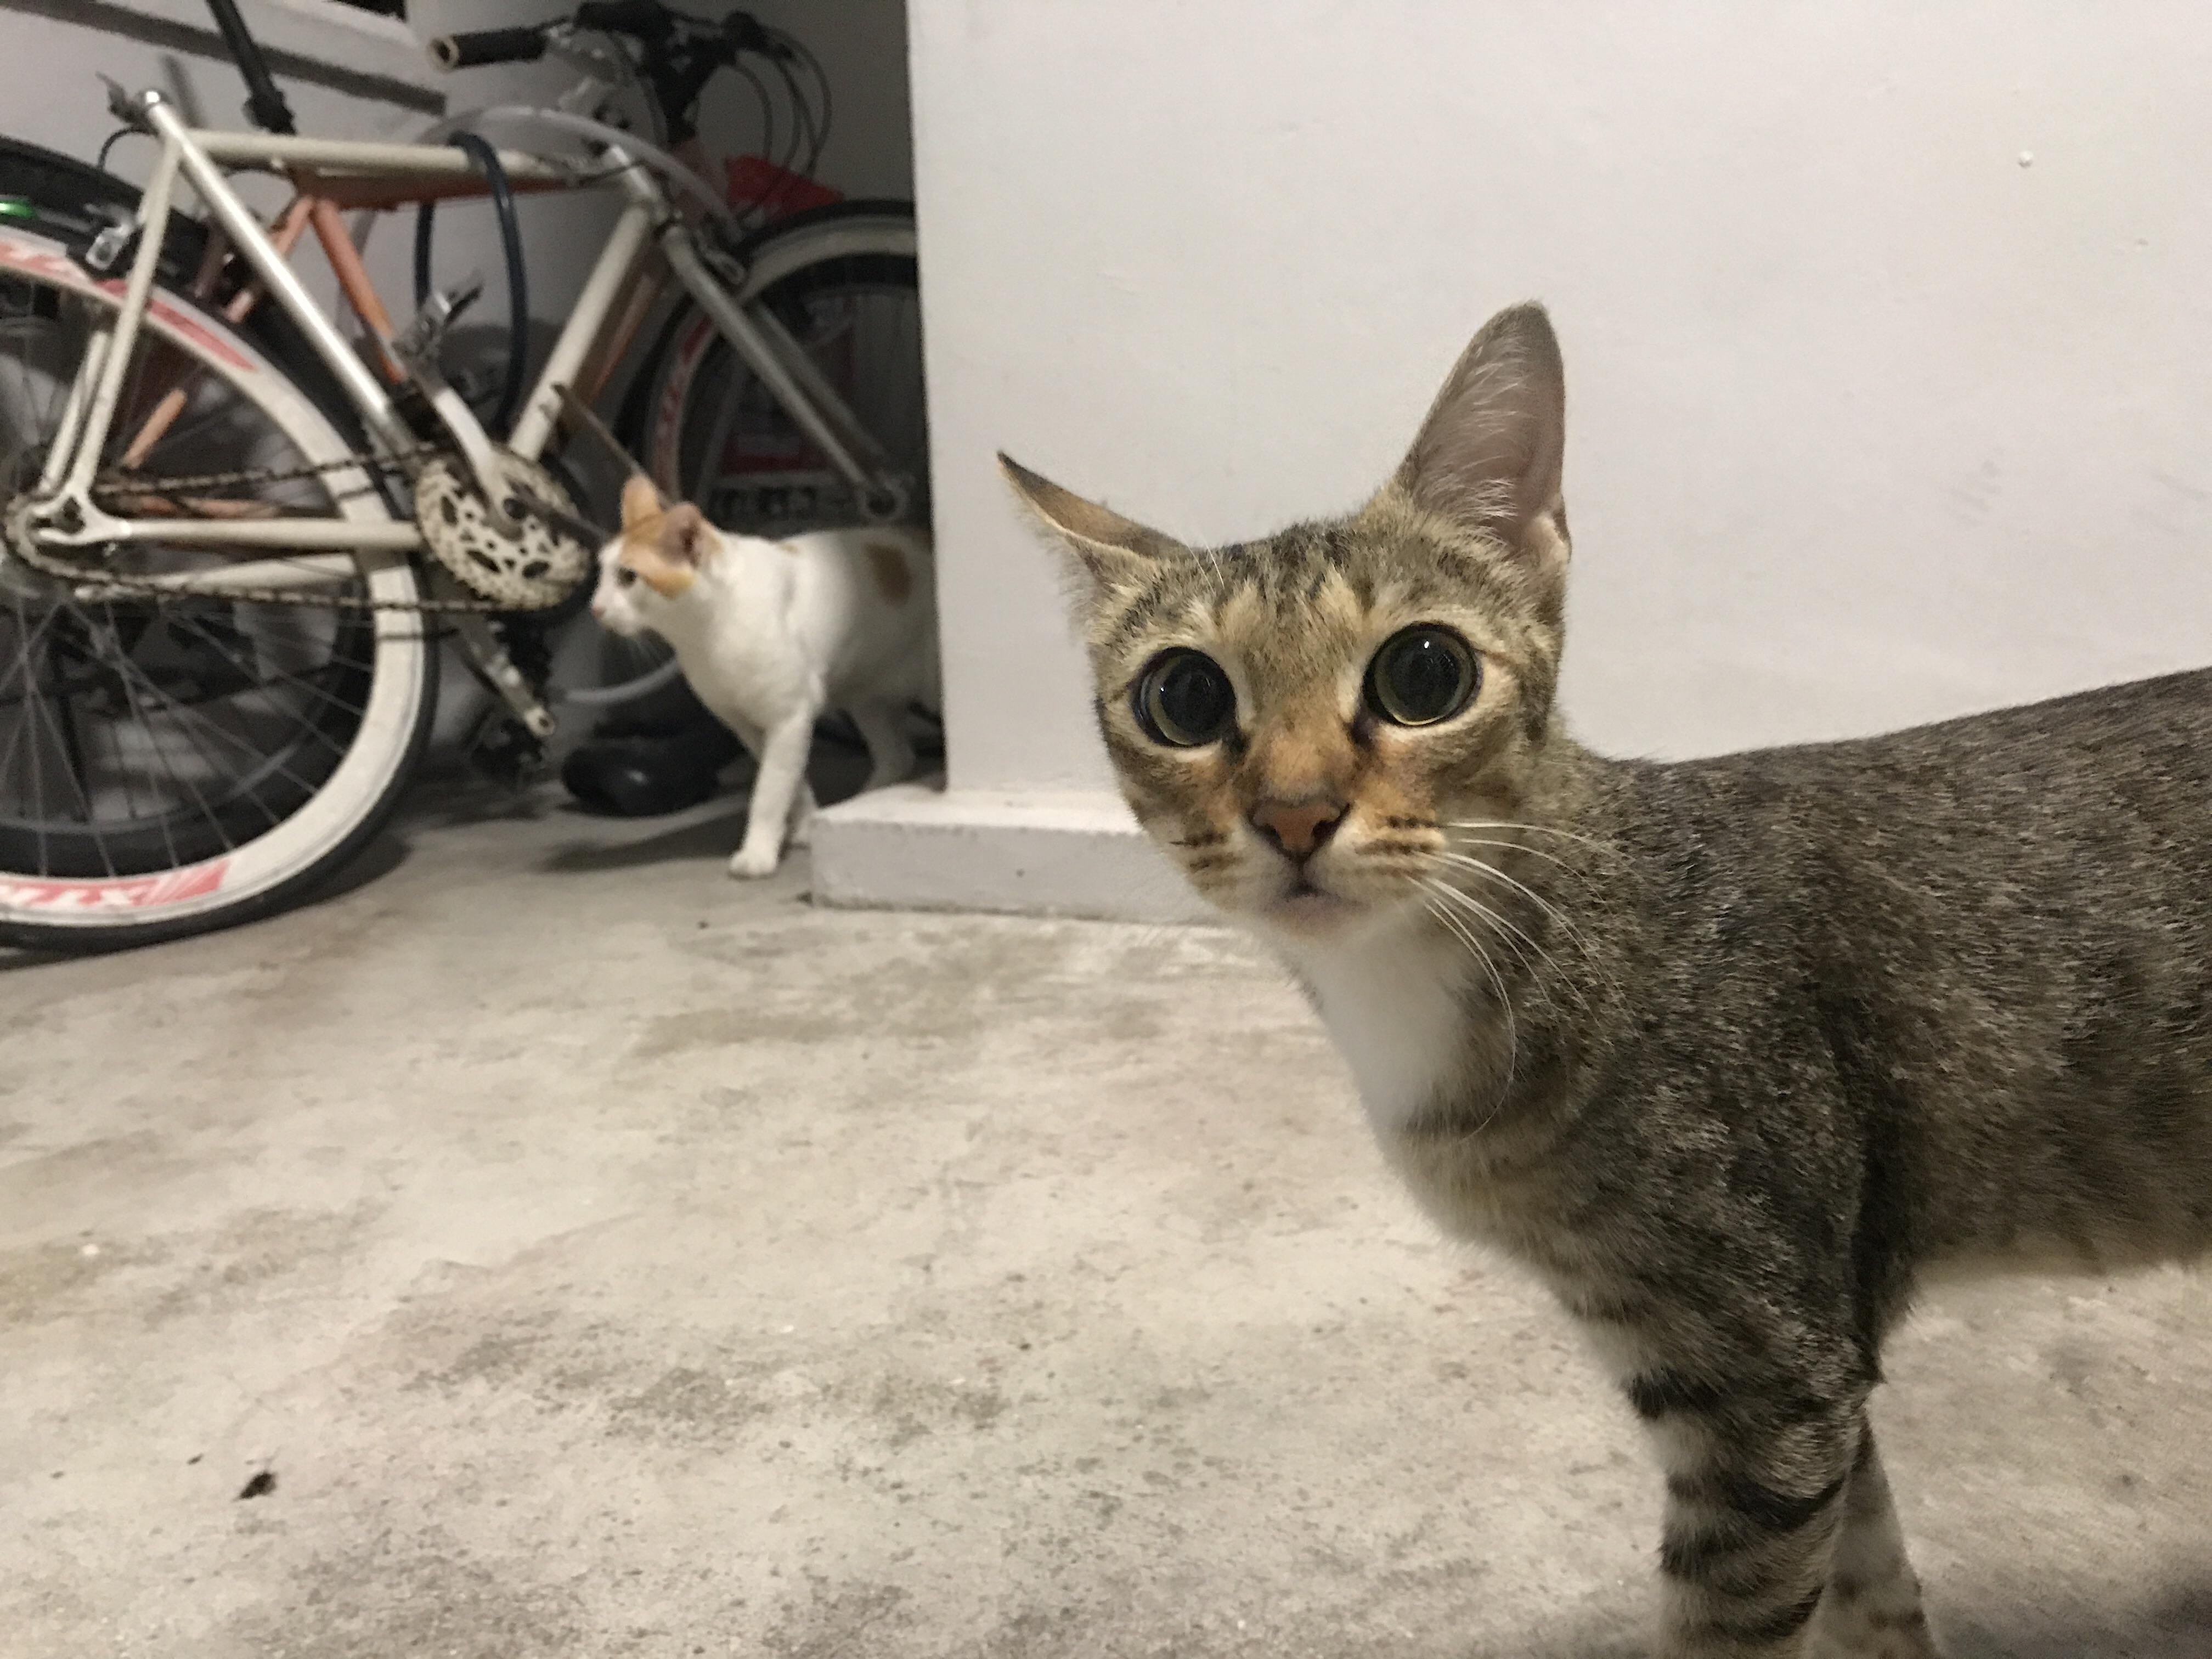 Curious kitty : aww